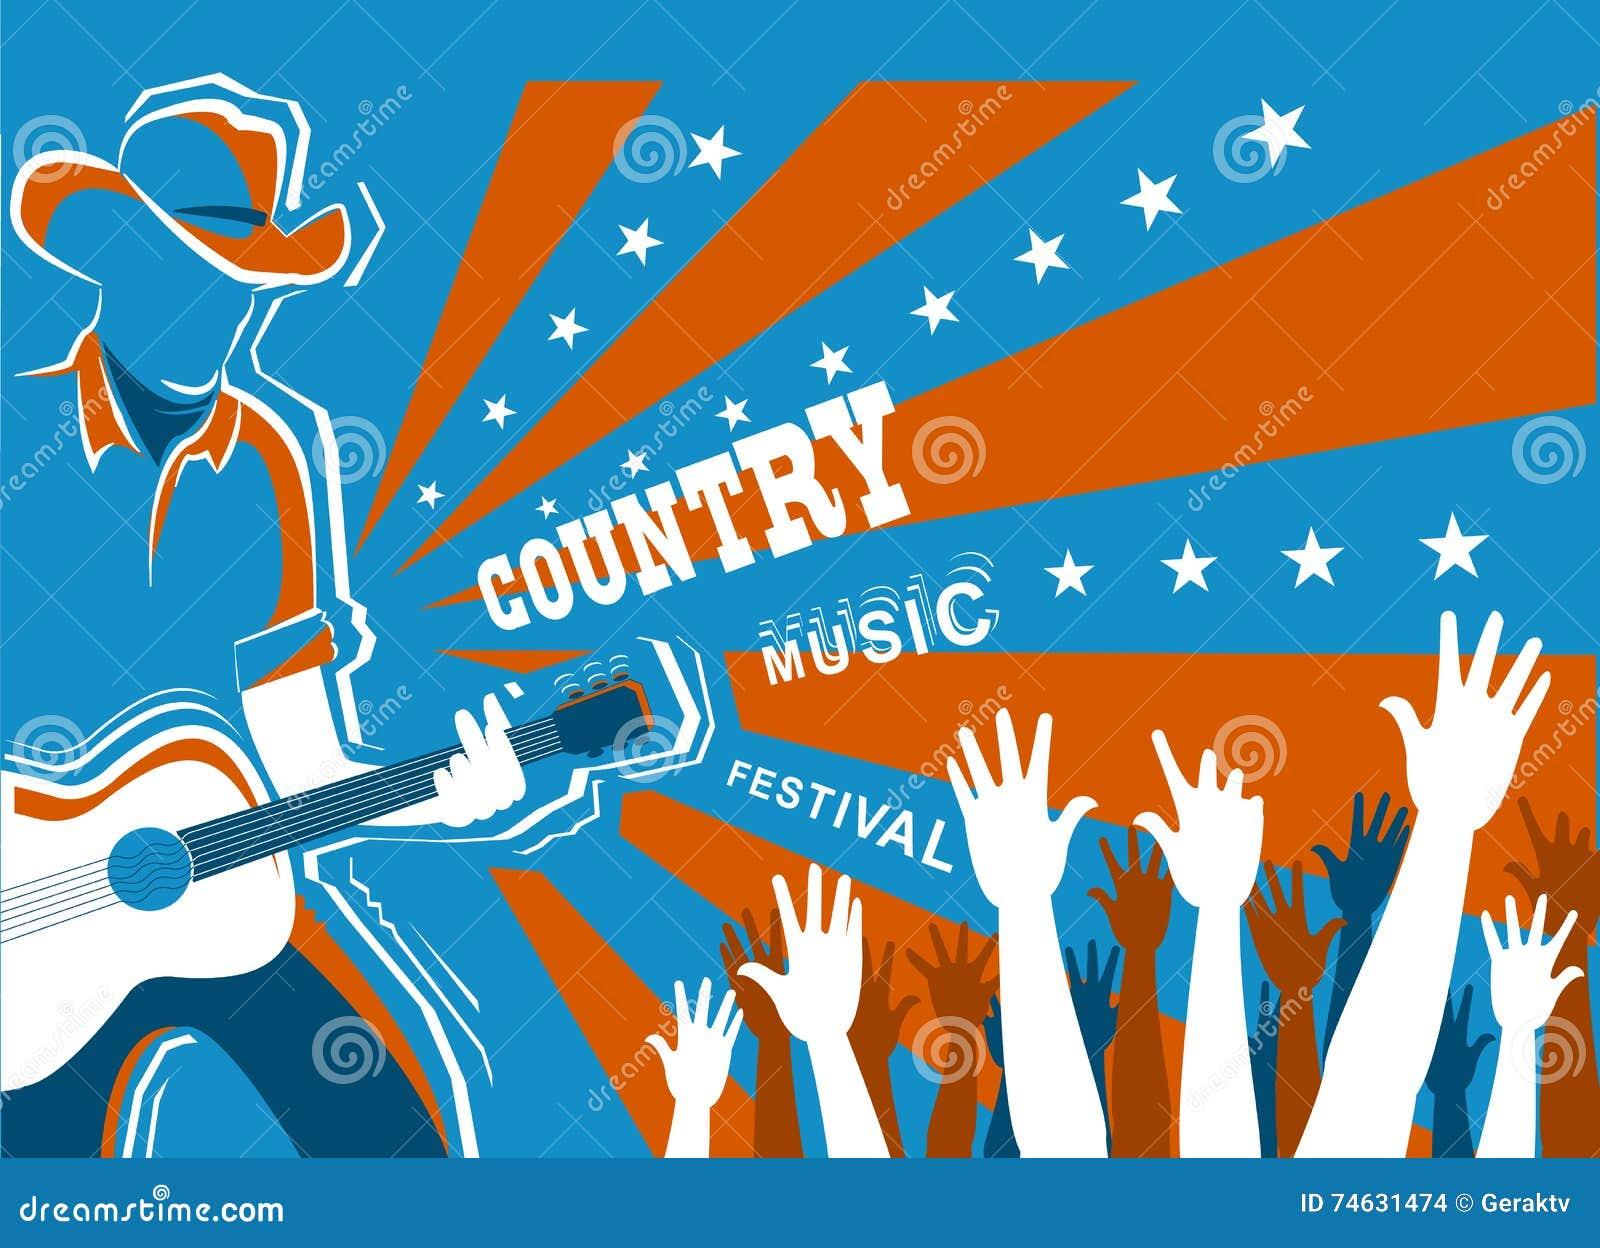 Concerto di musica country con il musicista che gioca chitarra